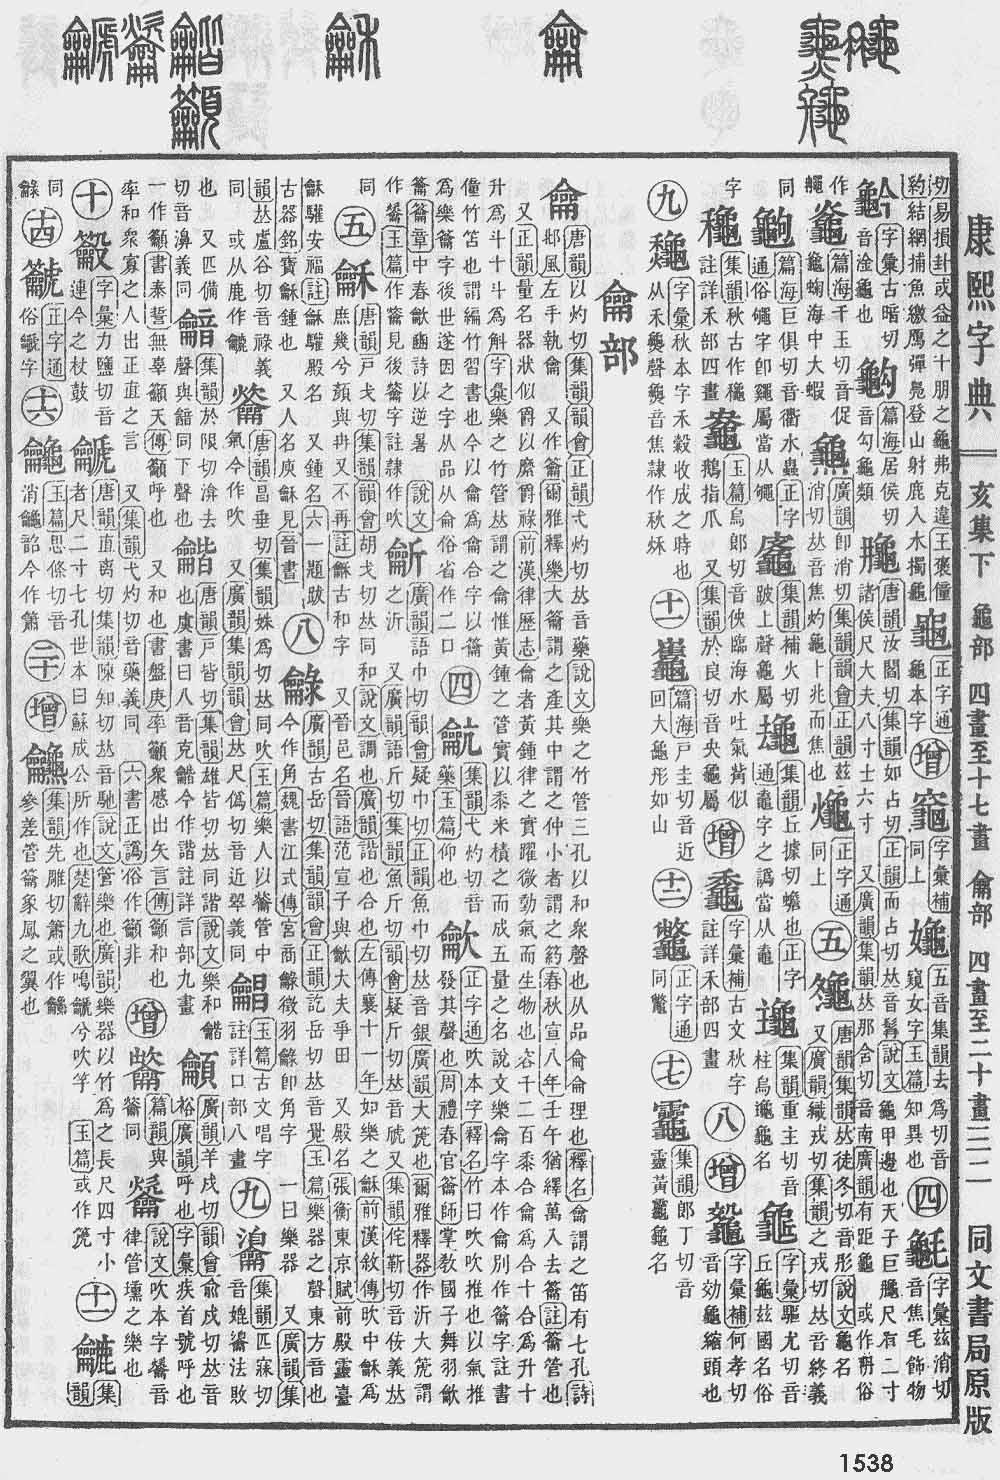 《康熙字典》第1538页